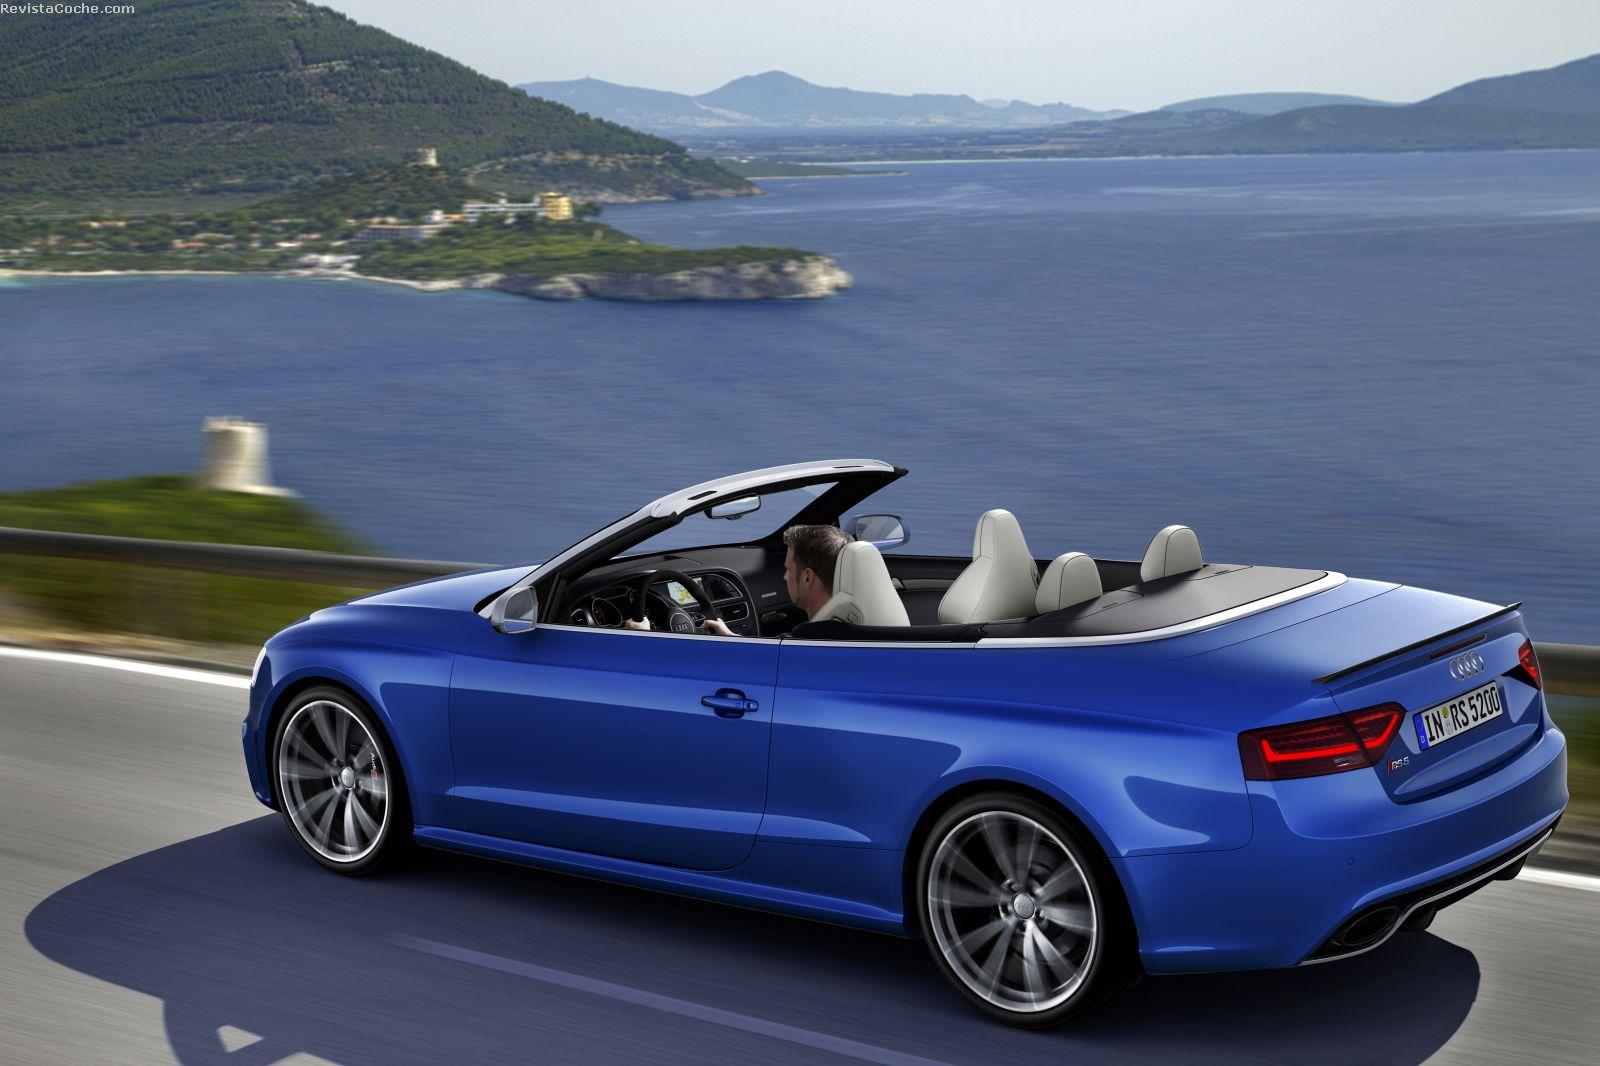 revista coche nuevo audi rs5 cabrio 2013. Black Bedroom Furniture Sets. Home Design Ideas